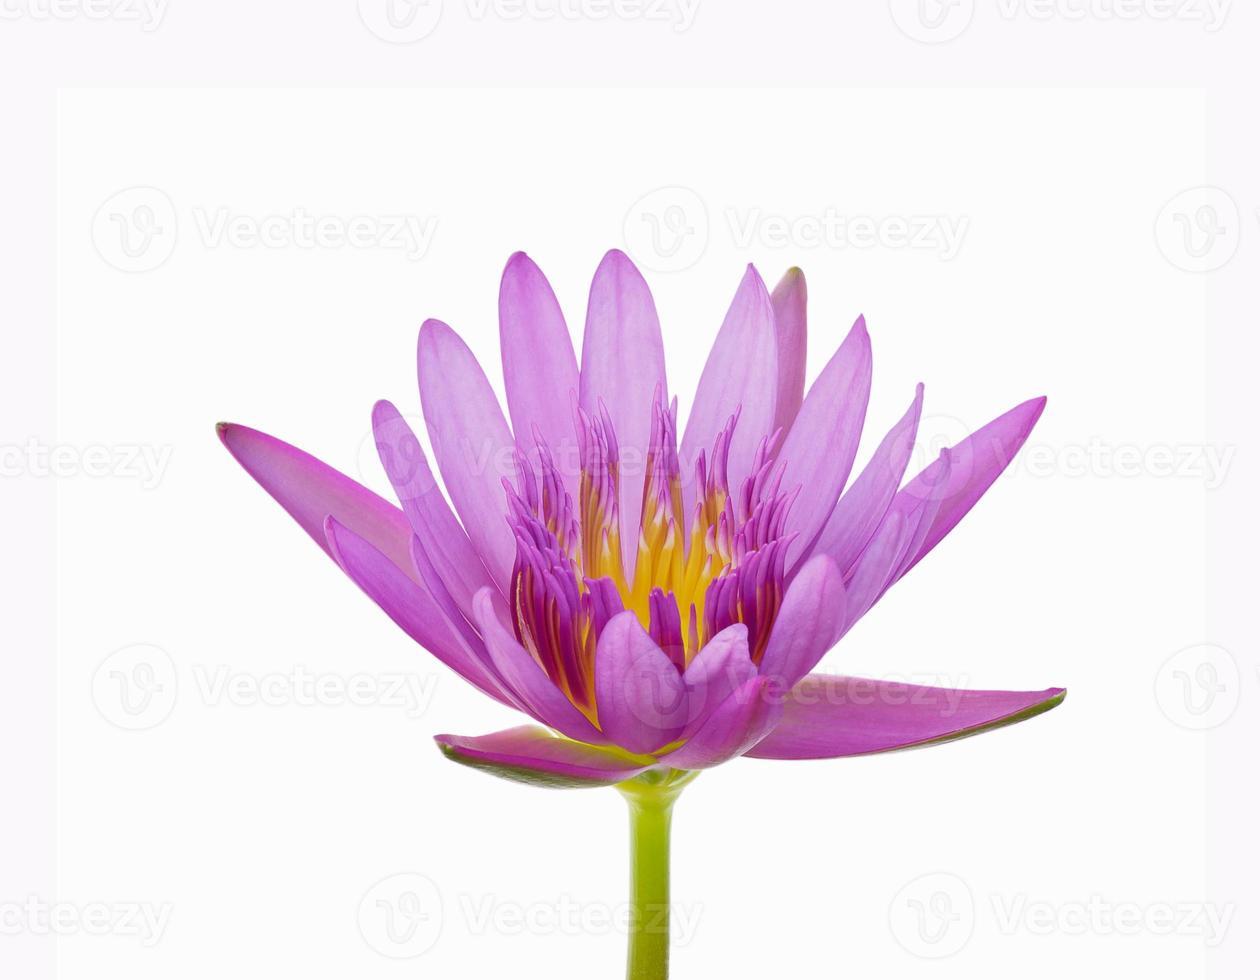 vacker rosa näckros eller lotusblommaisolat på vit bakgrund foto